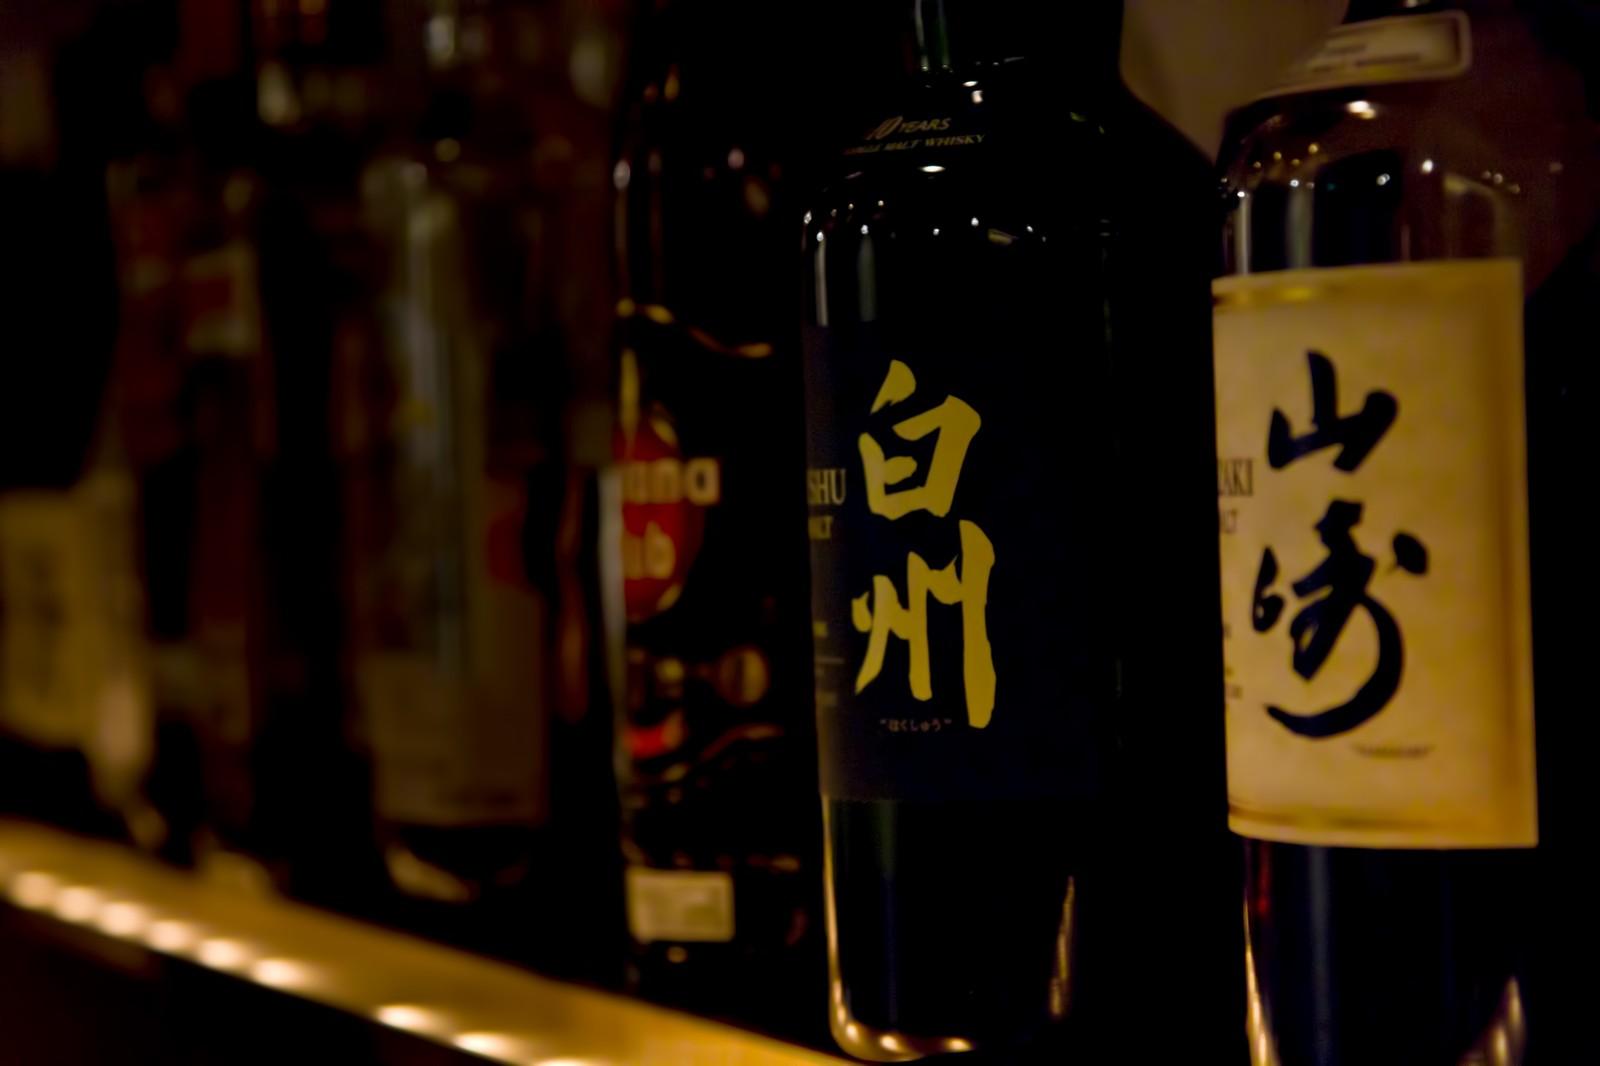 宮崎の焼酎おすすめランキングTOP11!安い商品やレア物が盛りだくさん!